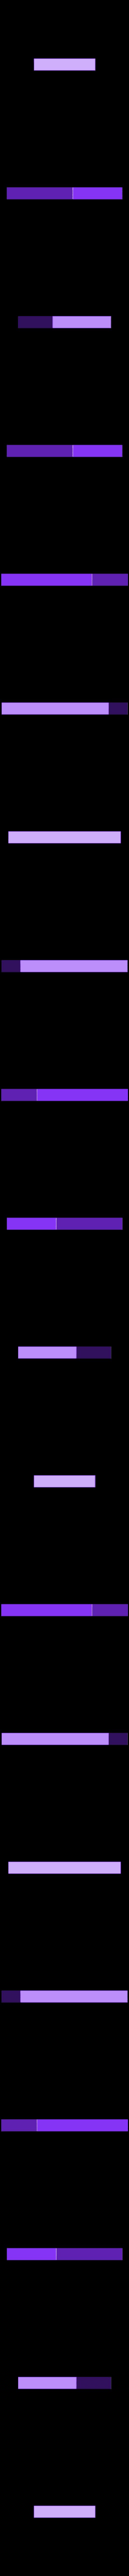 Base.STL Télécharger fichier STL gratuit Support de fer à souder • Plan pour impression 3D, perinski